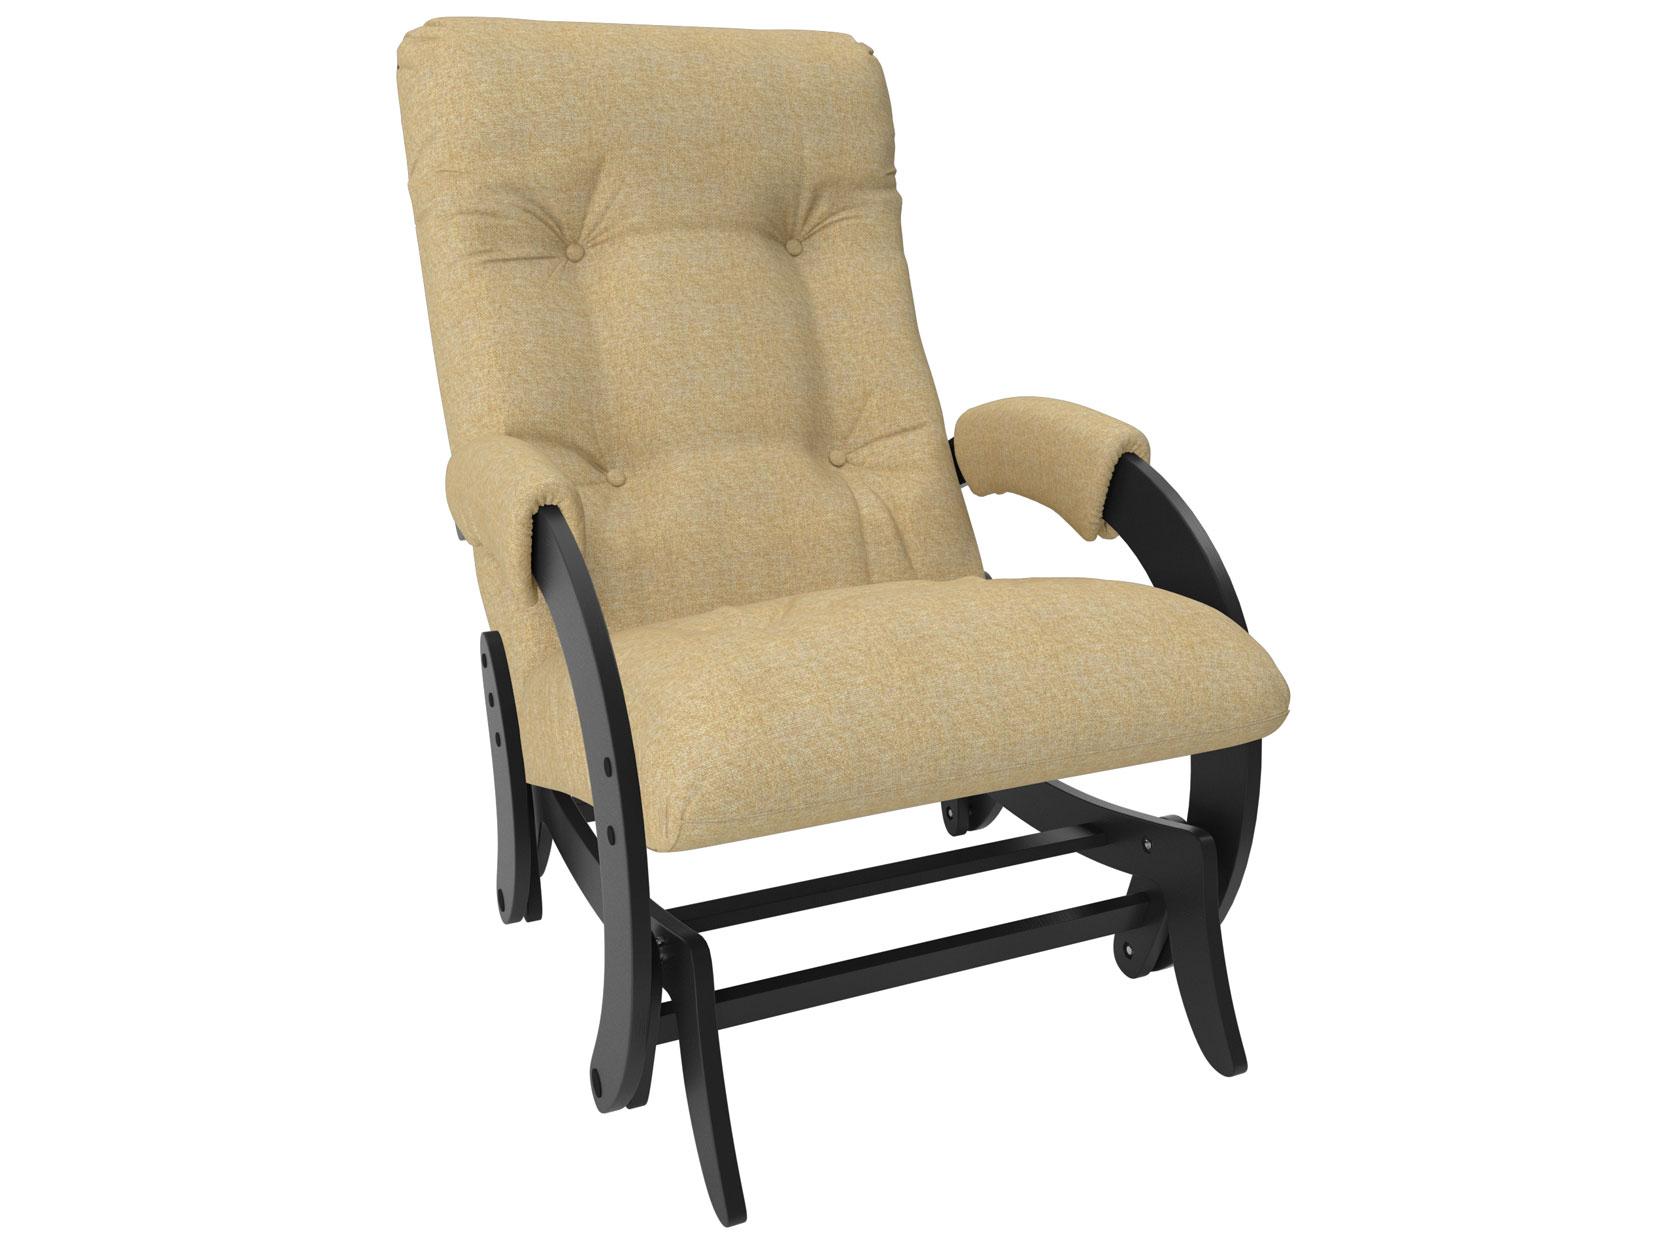 Кресло-глайдер Мебель Импэкс Комфорт Модель 68 Malta 03А, рогожка, венге